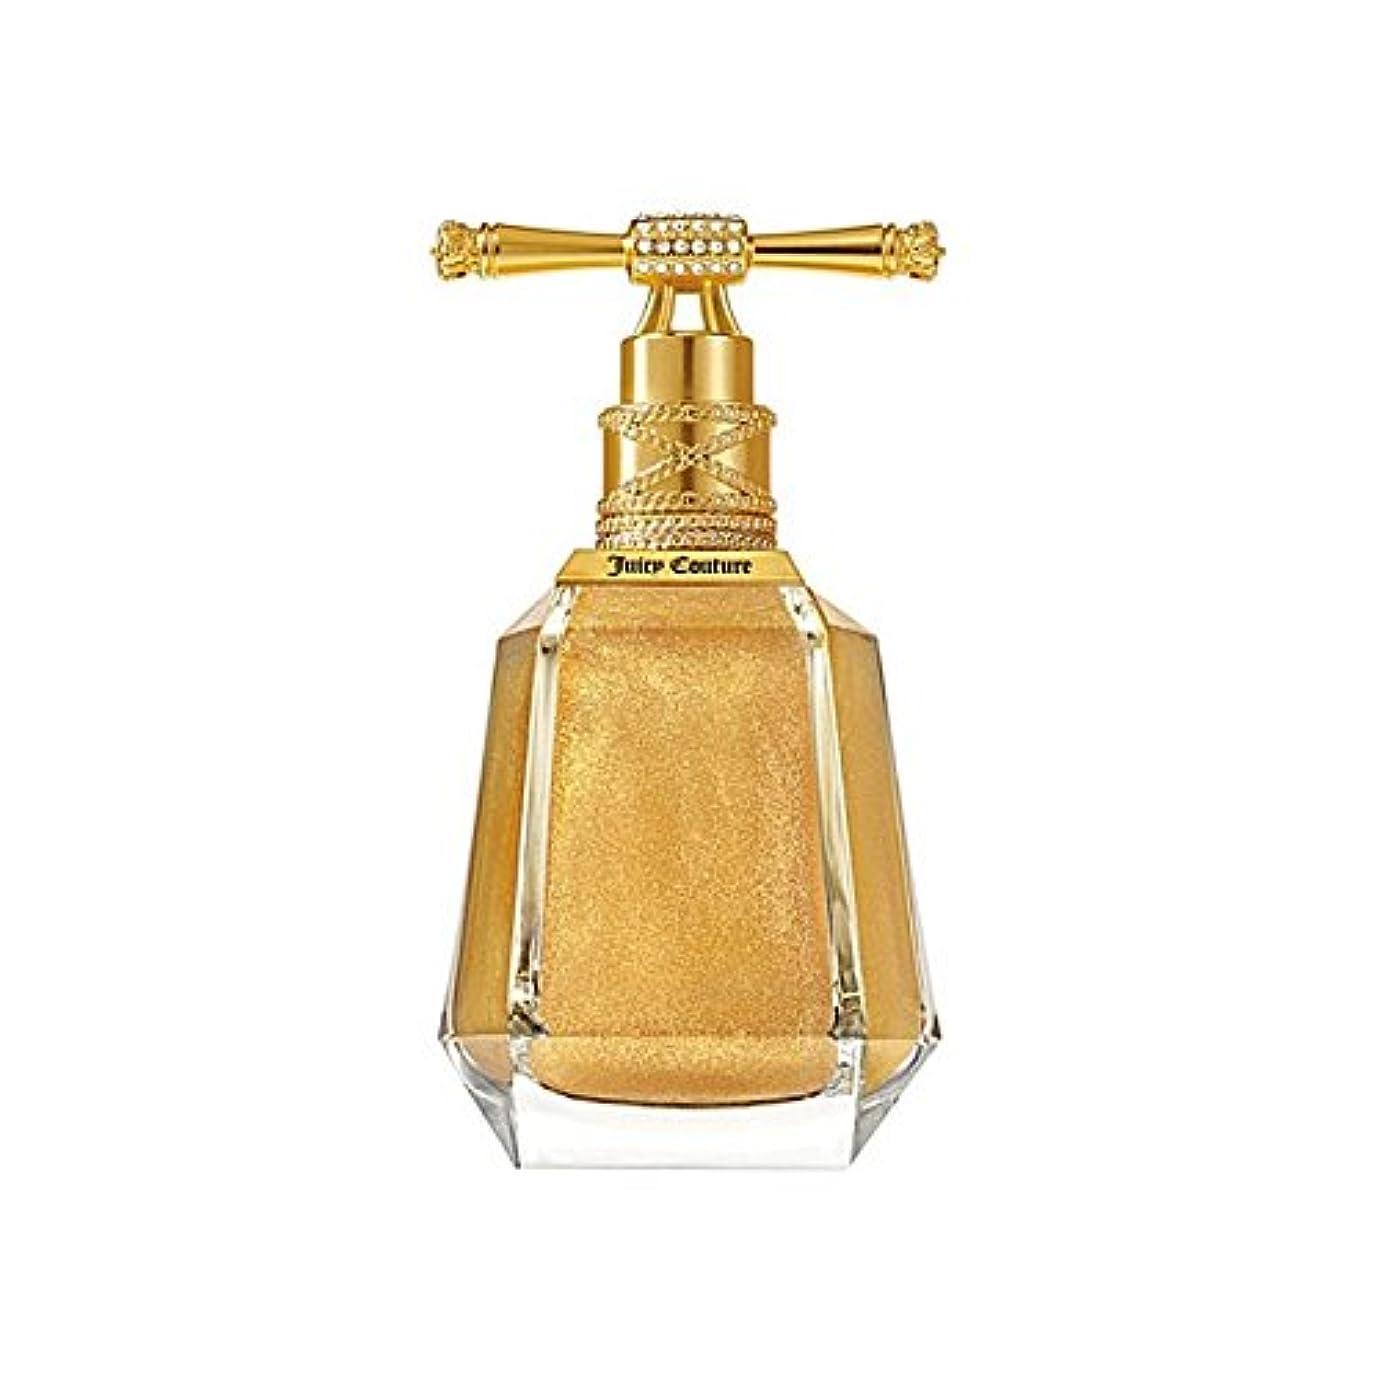 ニッケル殺します部族ジューシークチュールドライオイルきらめきミスト100ミリリットル x4 - Juicy Couture Dry Oil Shimmer Mist 100ml (Pack of 4) [並行輸入品]